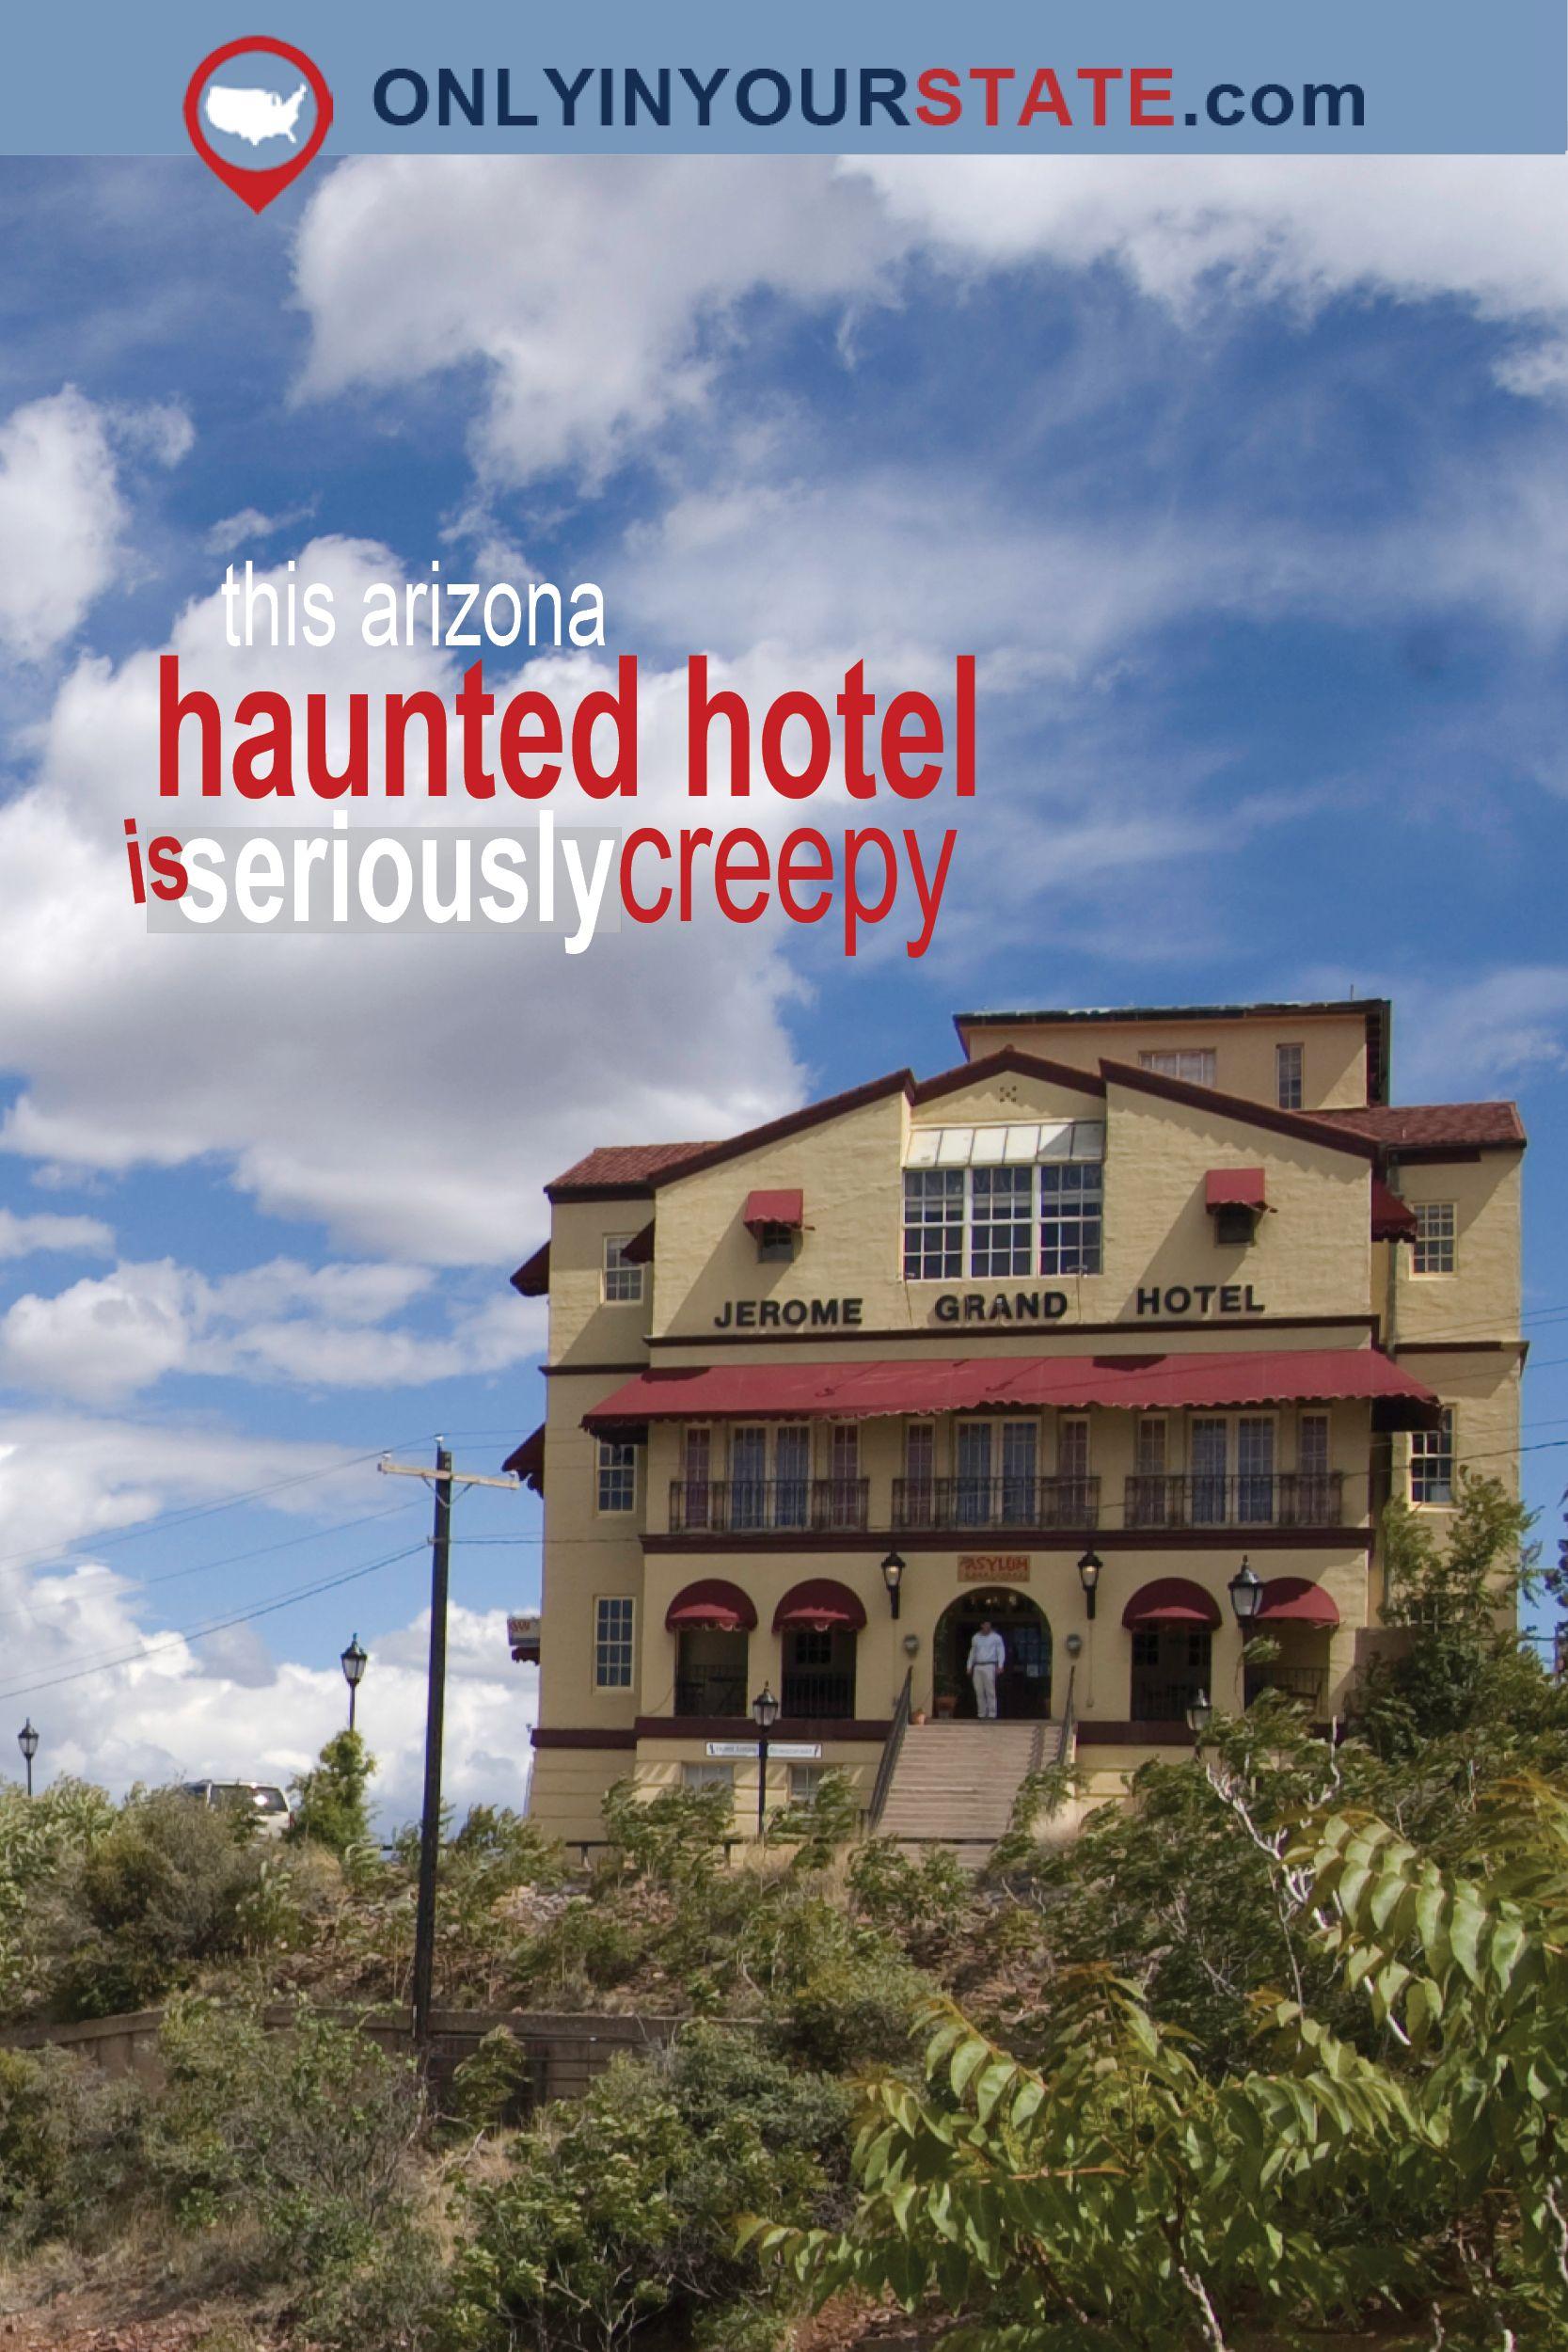 Hotel Arizona Haunted Places